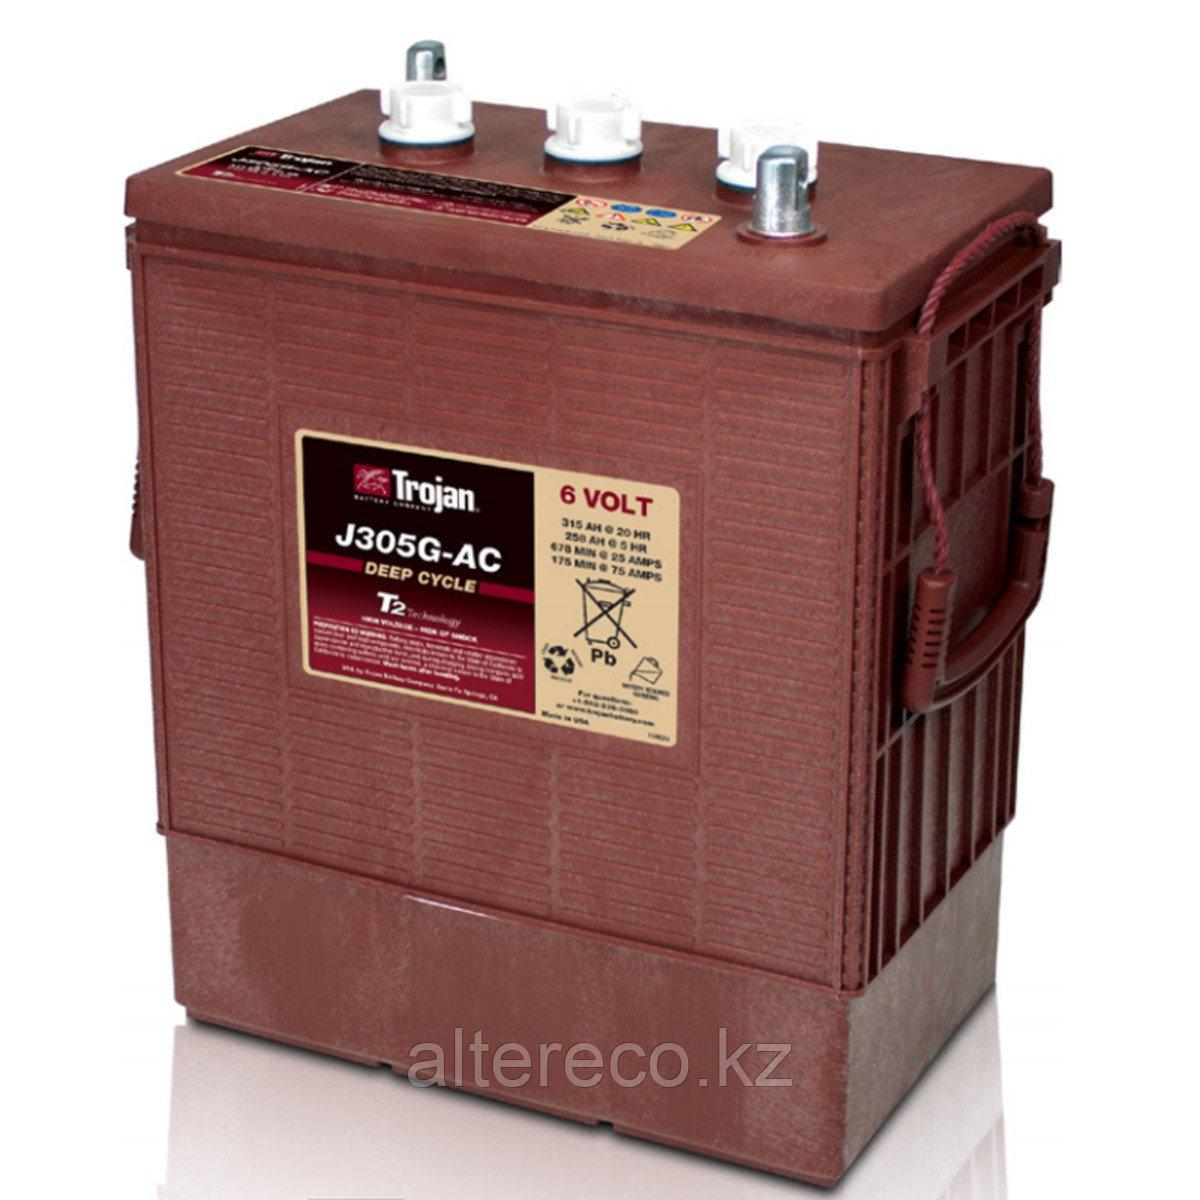 Аккумулятор Trojan J305G-AC (6В, 315Ач)